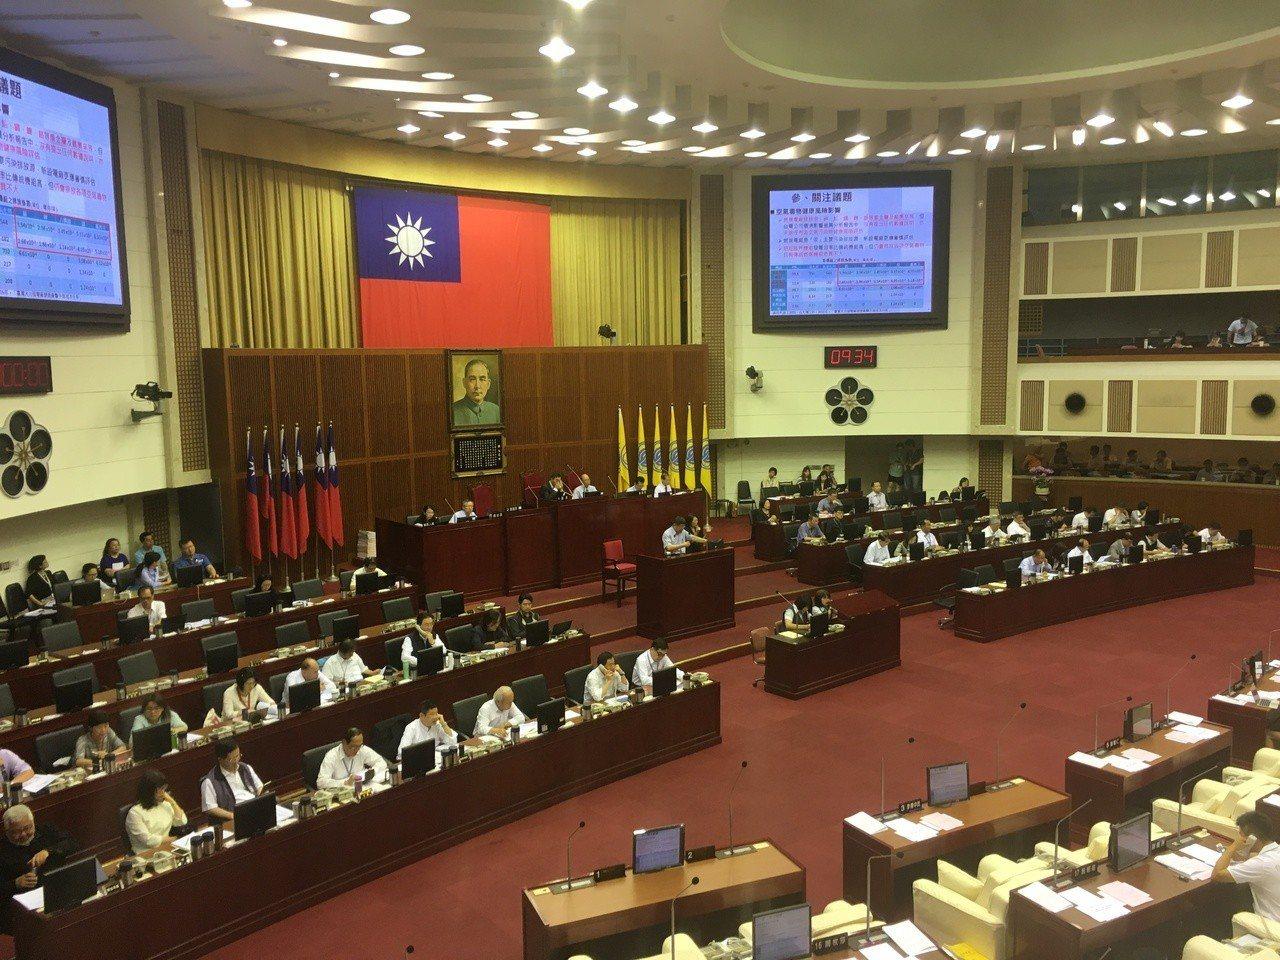 台北市長柯文哲今赴議會進行專案報告。記者張世杰/攝影